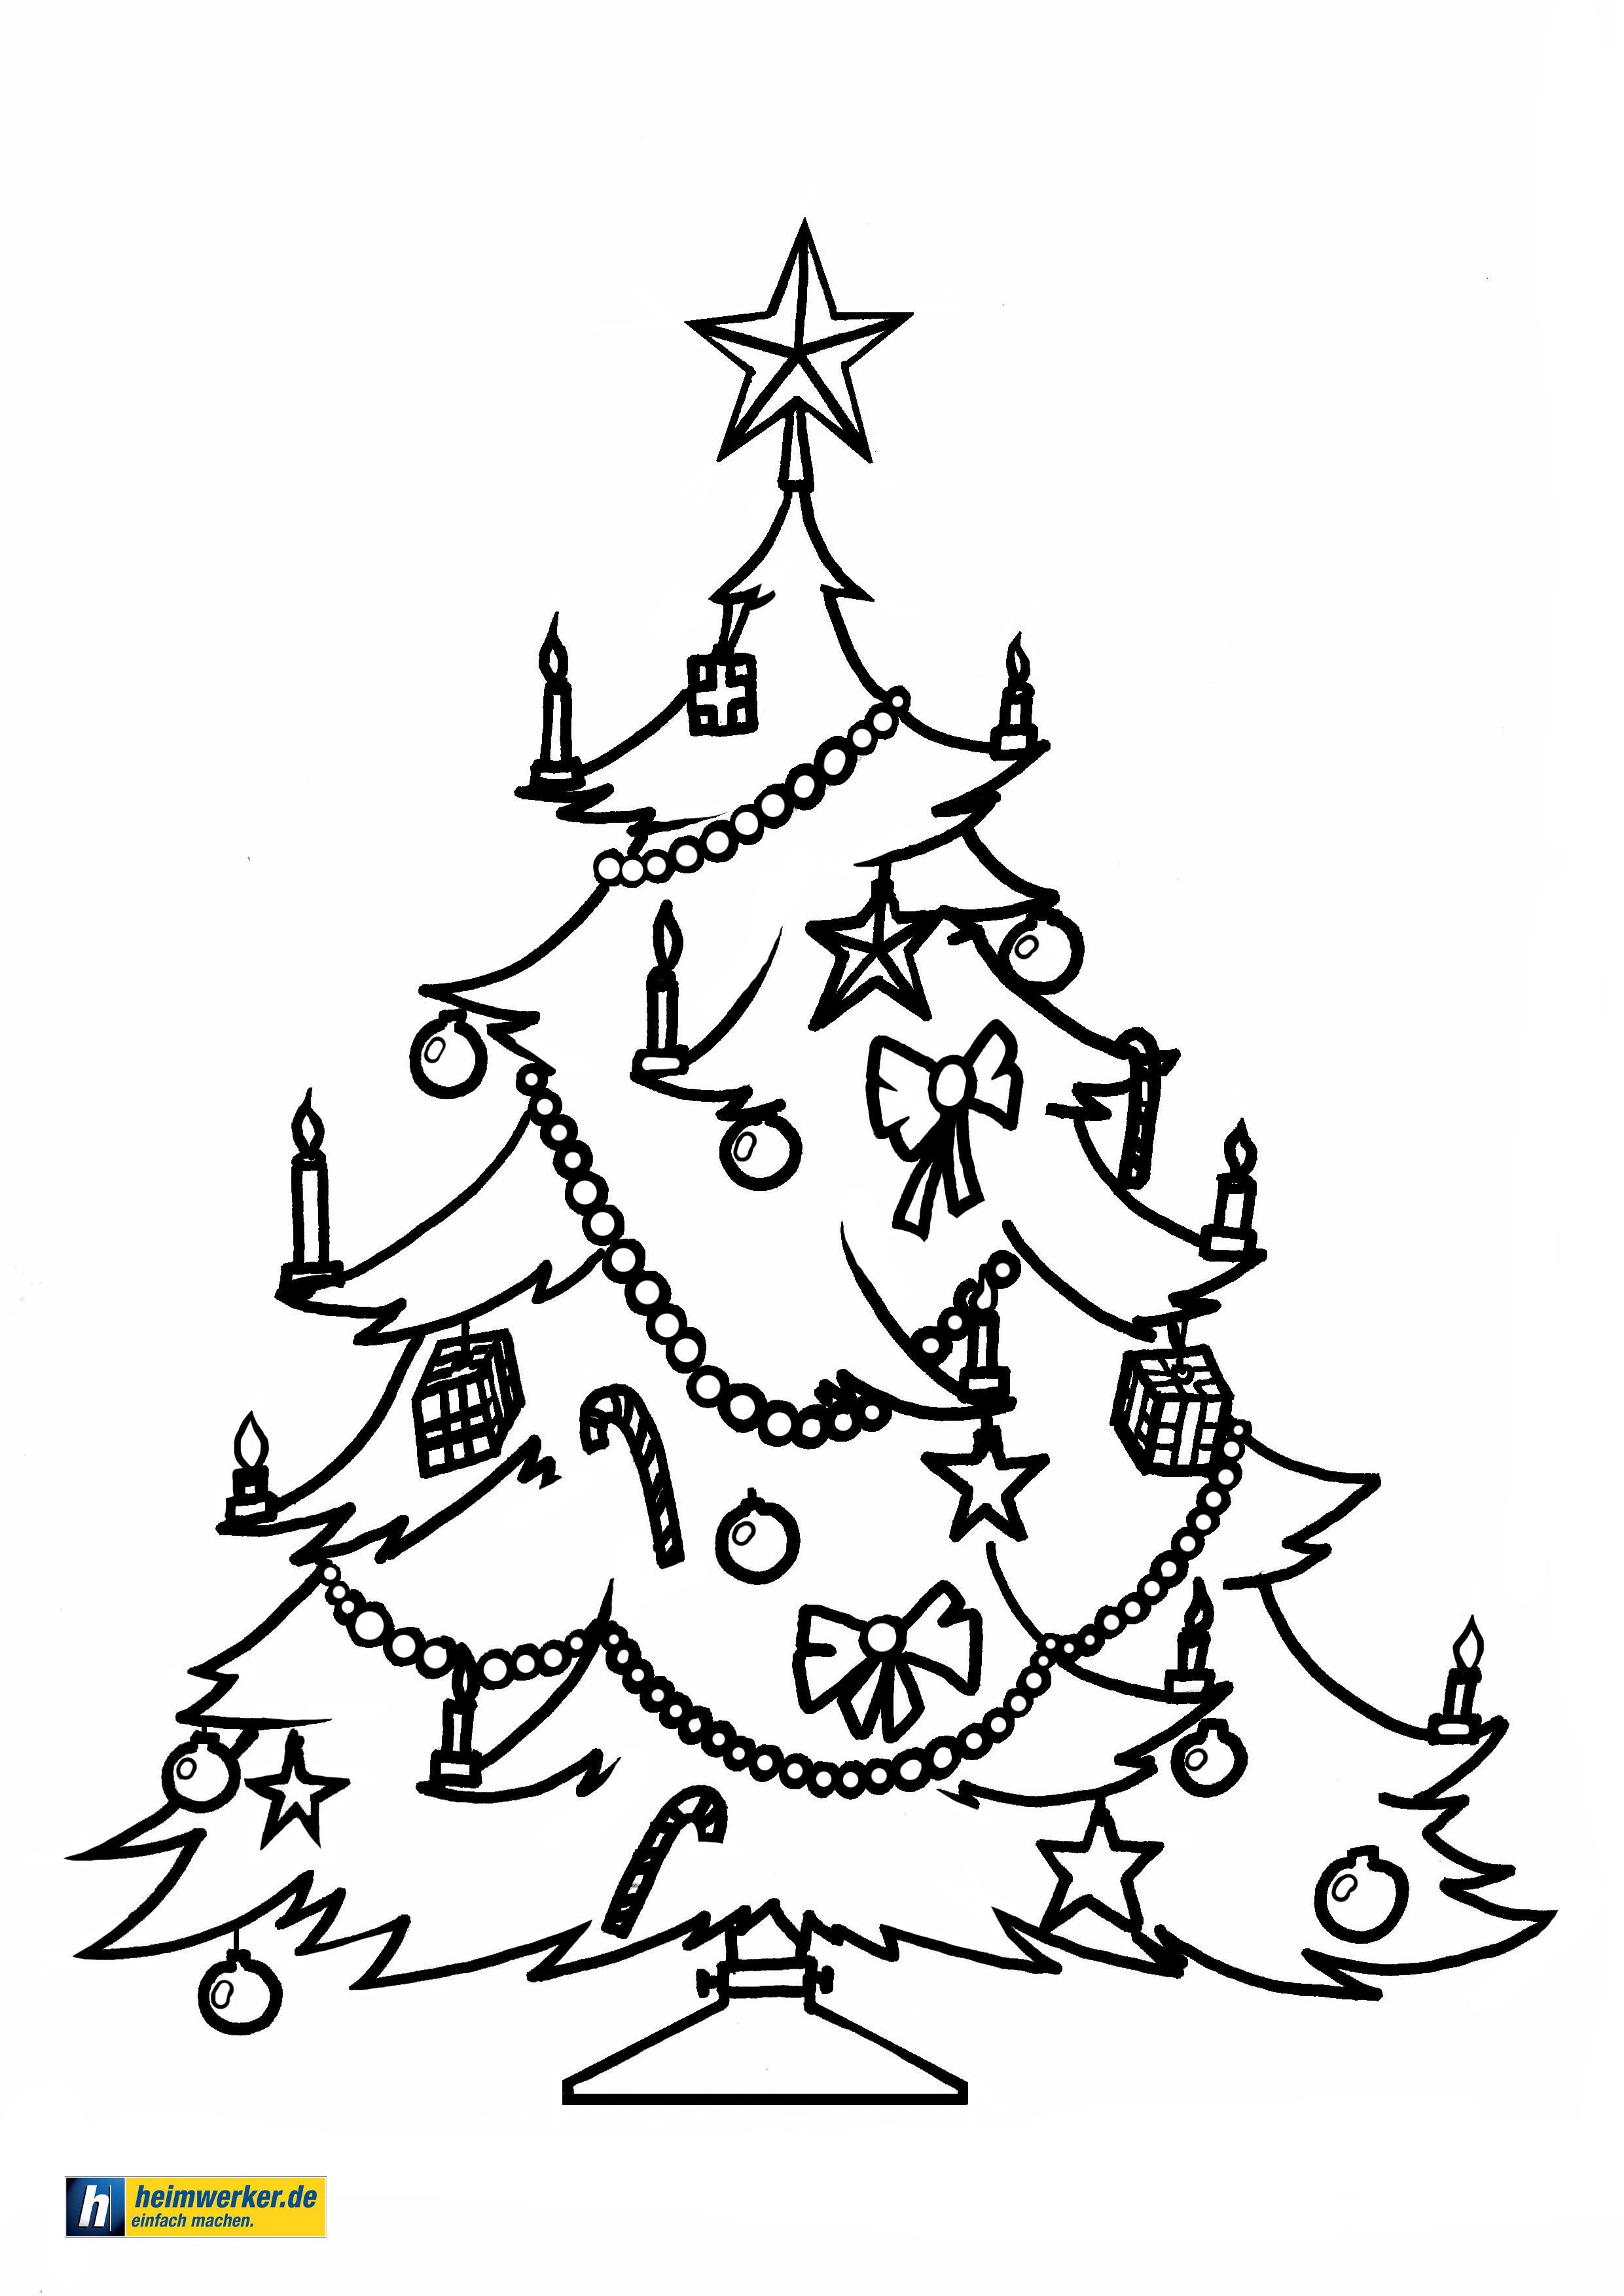 Ausmalbilder Weihnachten Krippe Inspirierend Malvorlagen Weihnachten Und Advent – Kostenlose Weihnachtsmotive Fotografieren